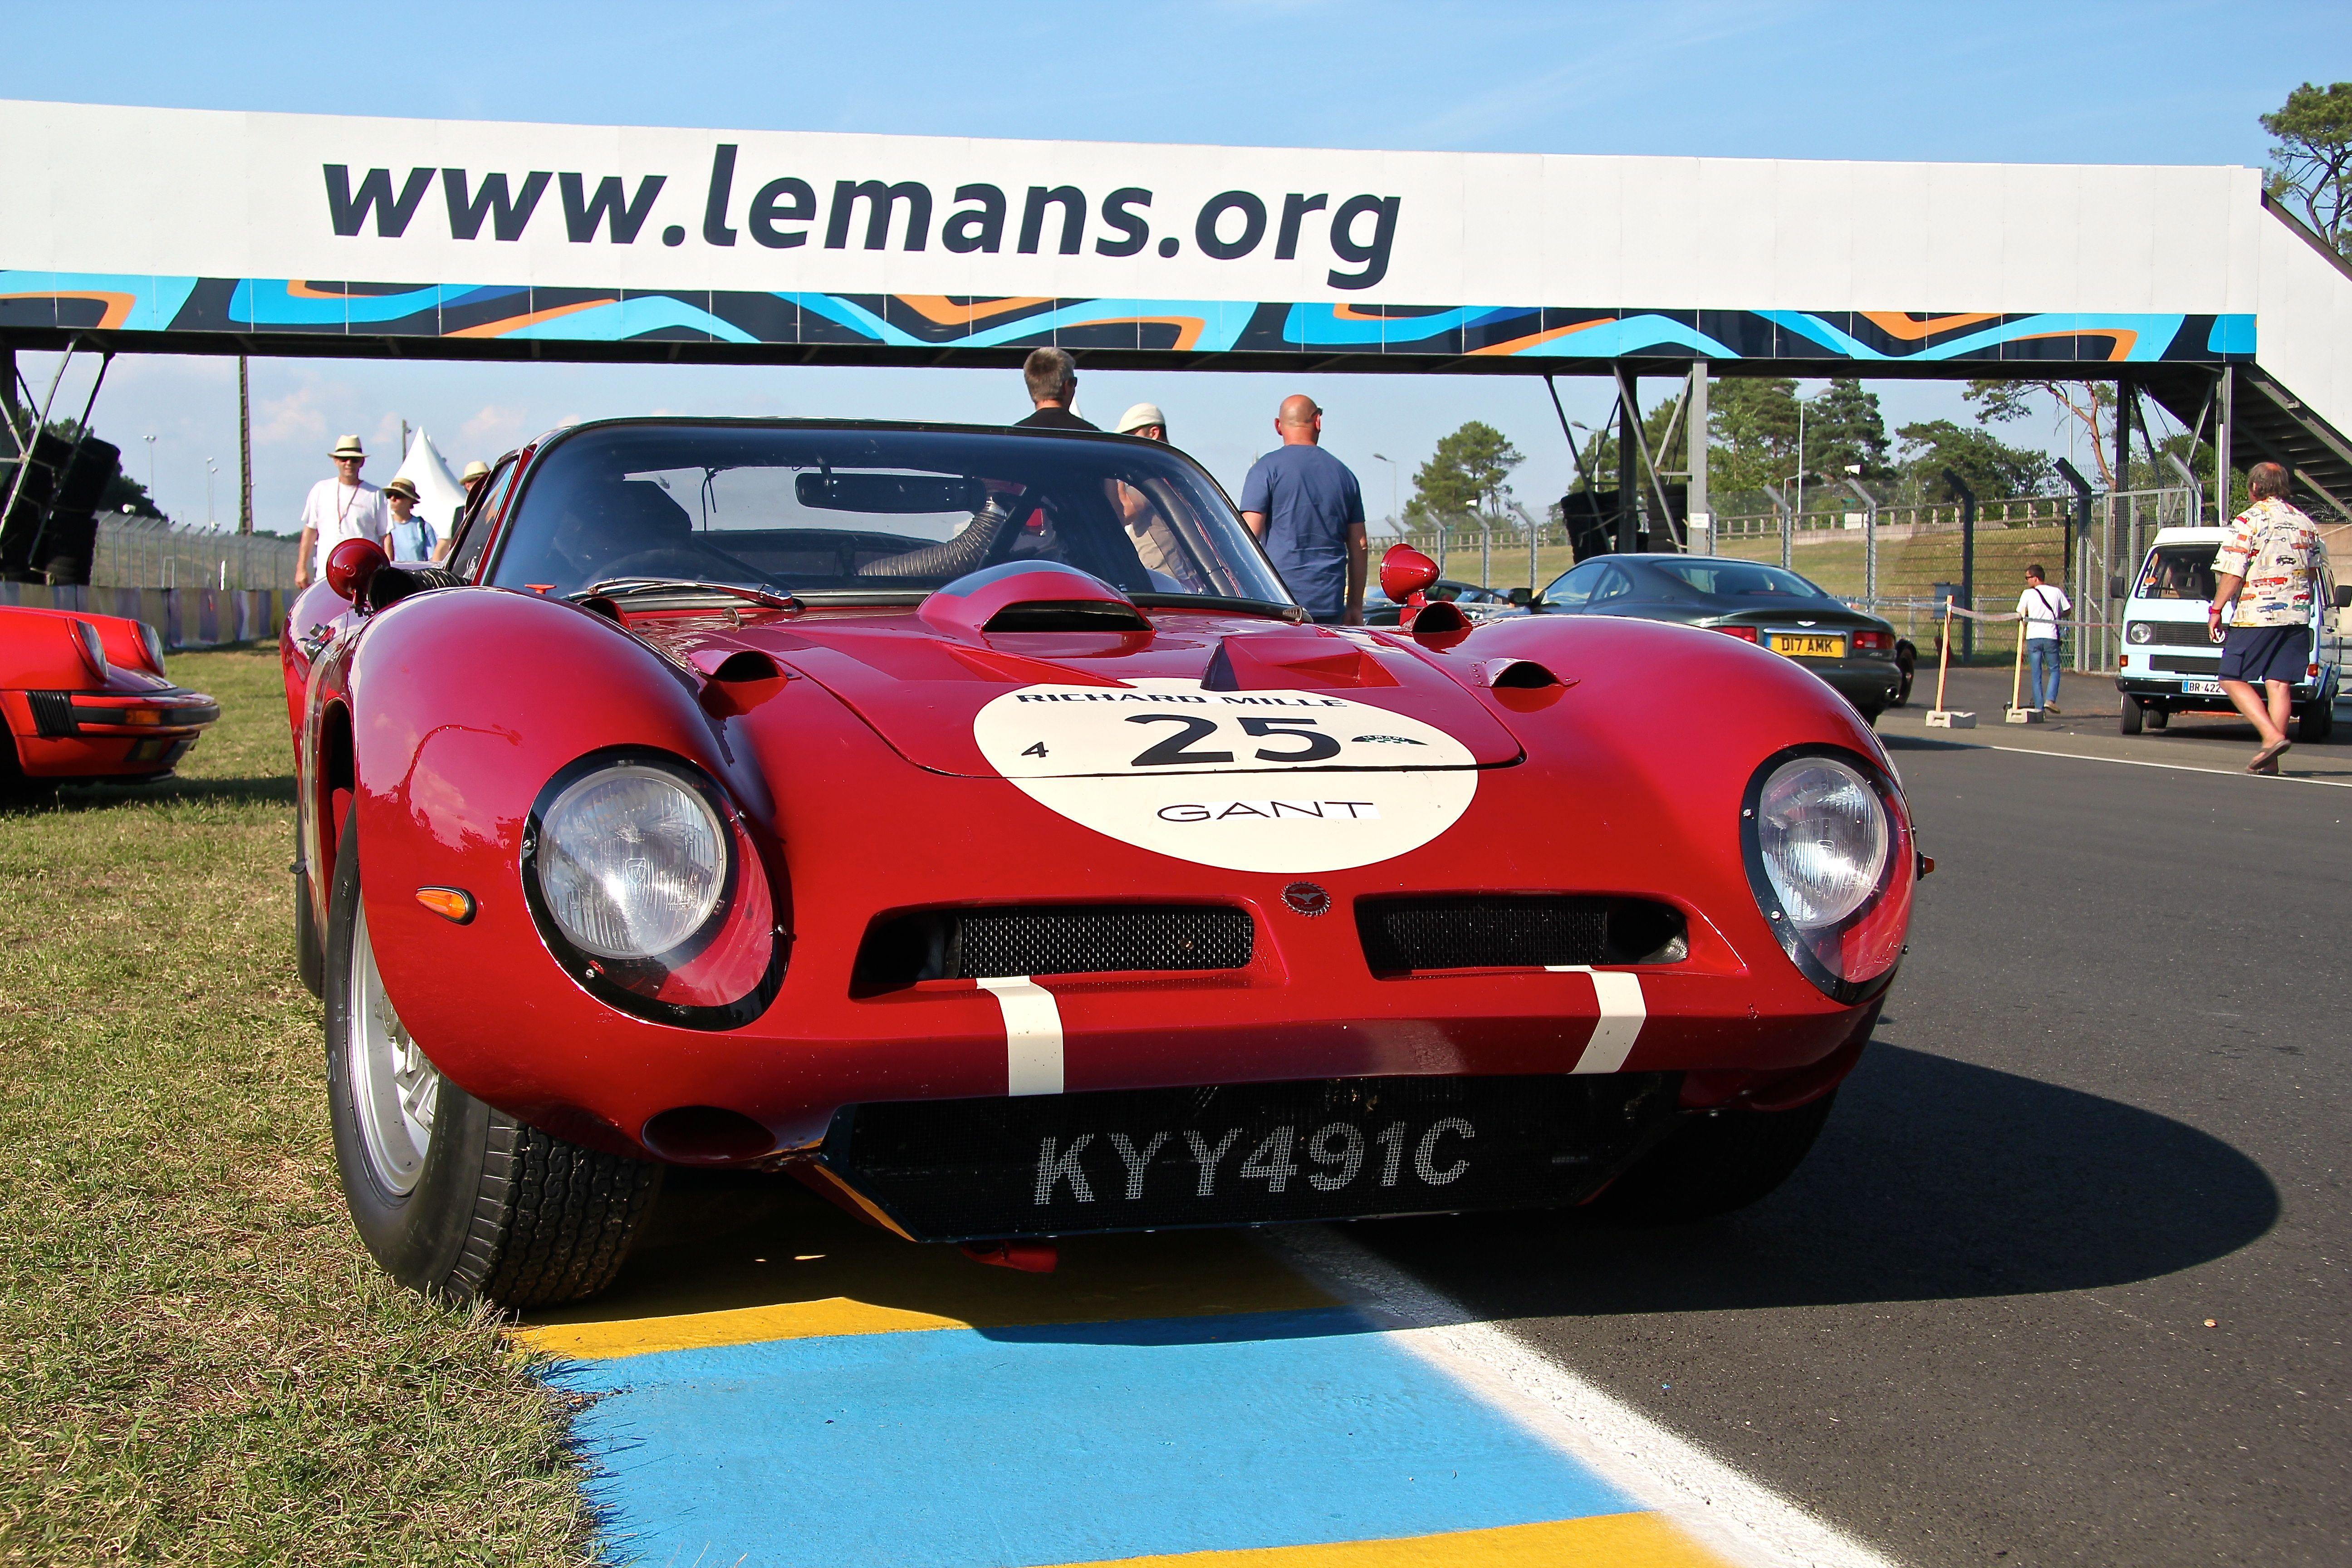 Iso A3/C Grifo Competizione - 1965 - Le Mans Classic 2018 - photo Ludo Ferrari